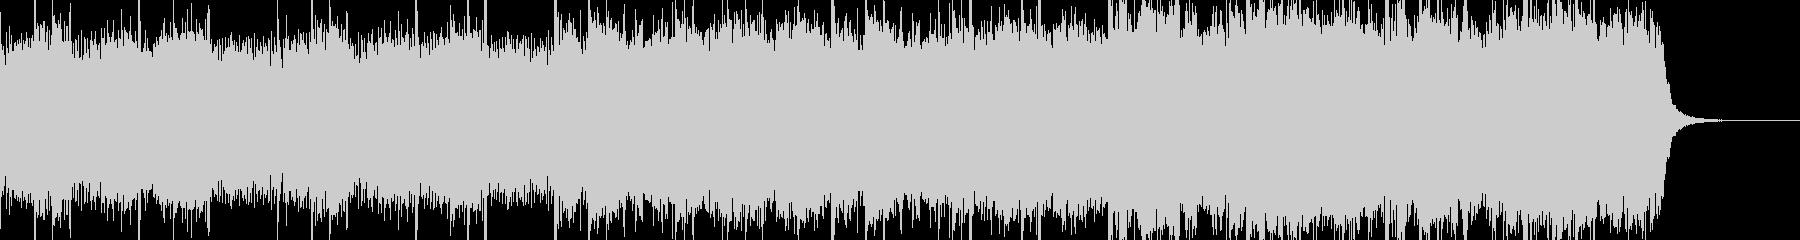 企業VP向け感動的なピアノBGMの未再生の波形